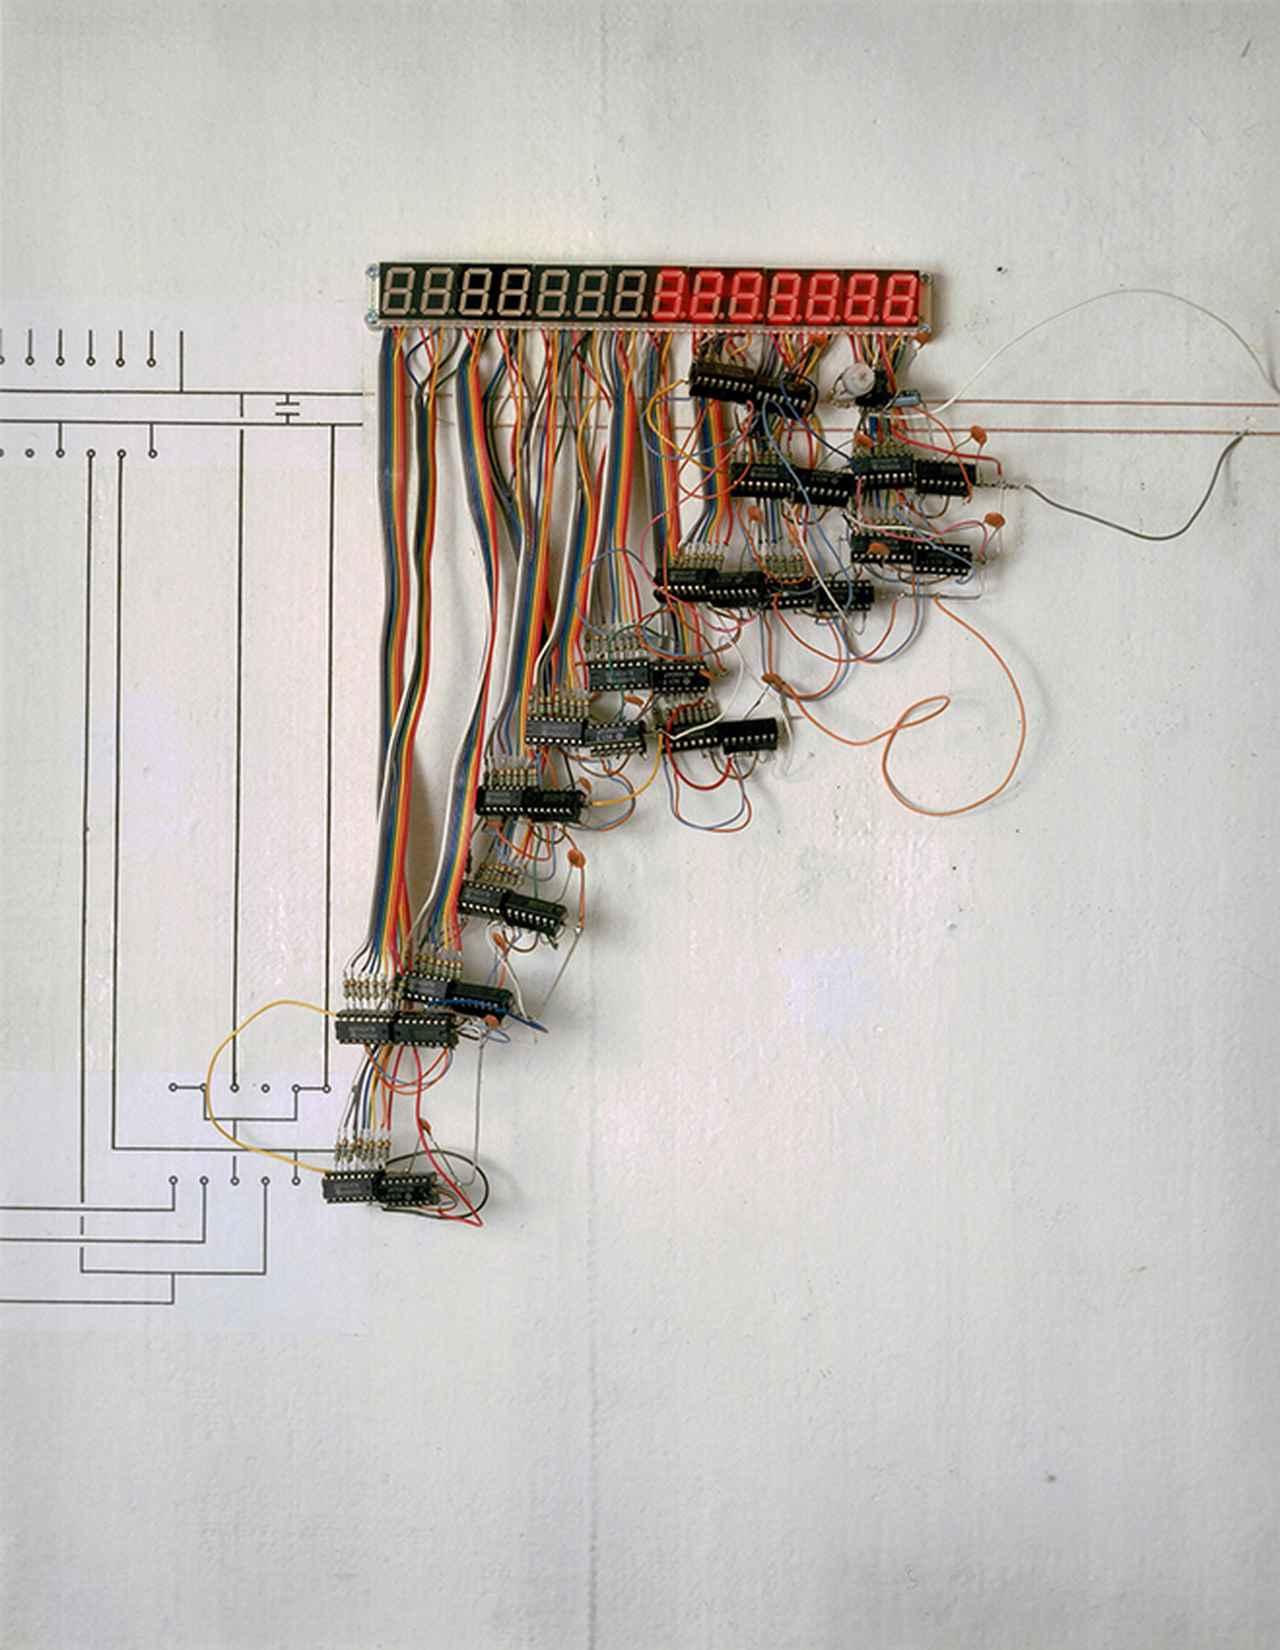 画像: 宮島達男《30万年の時計》1987年 発光ダイオード、電子回路、電線、他 32×21× 4.5 cm 撮影:広瀬忠司